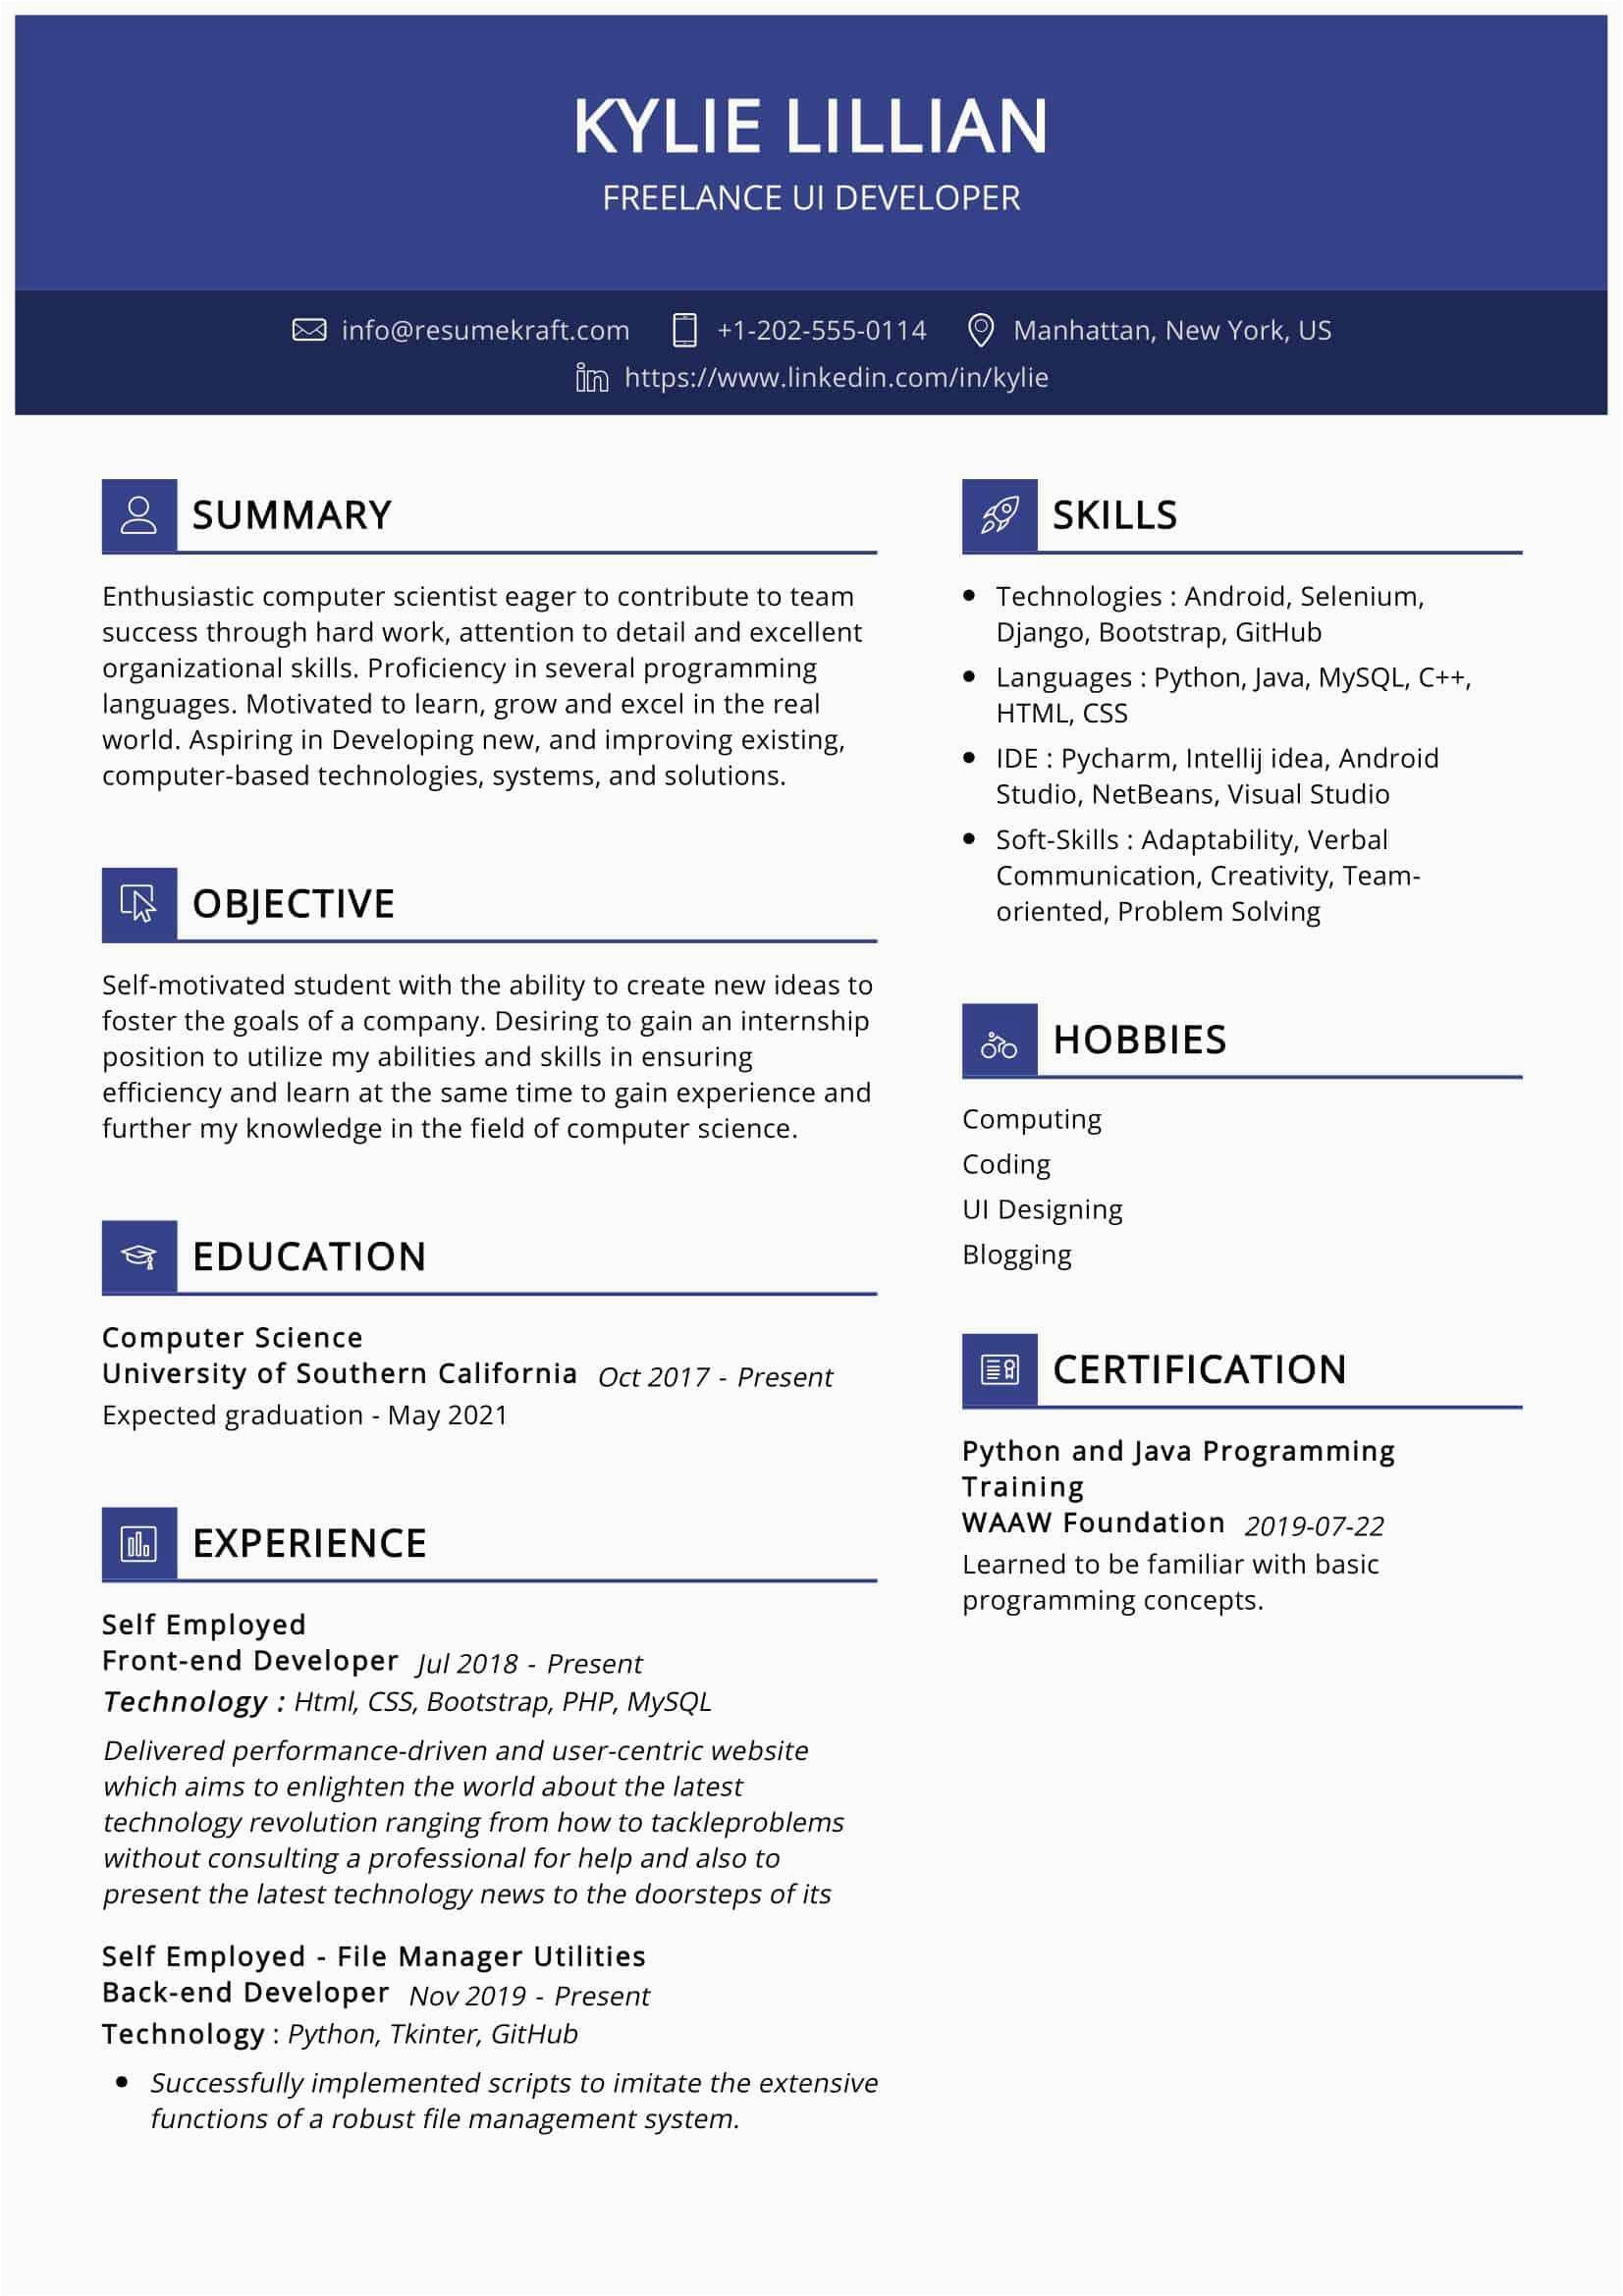 freelance ui developer resume